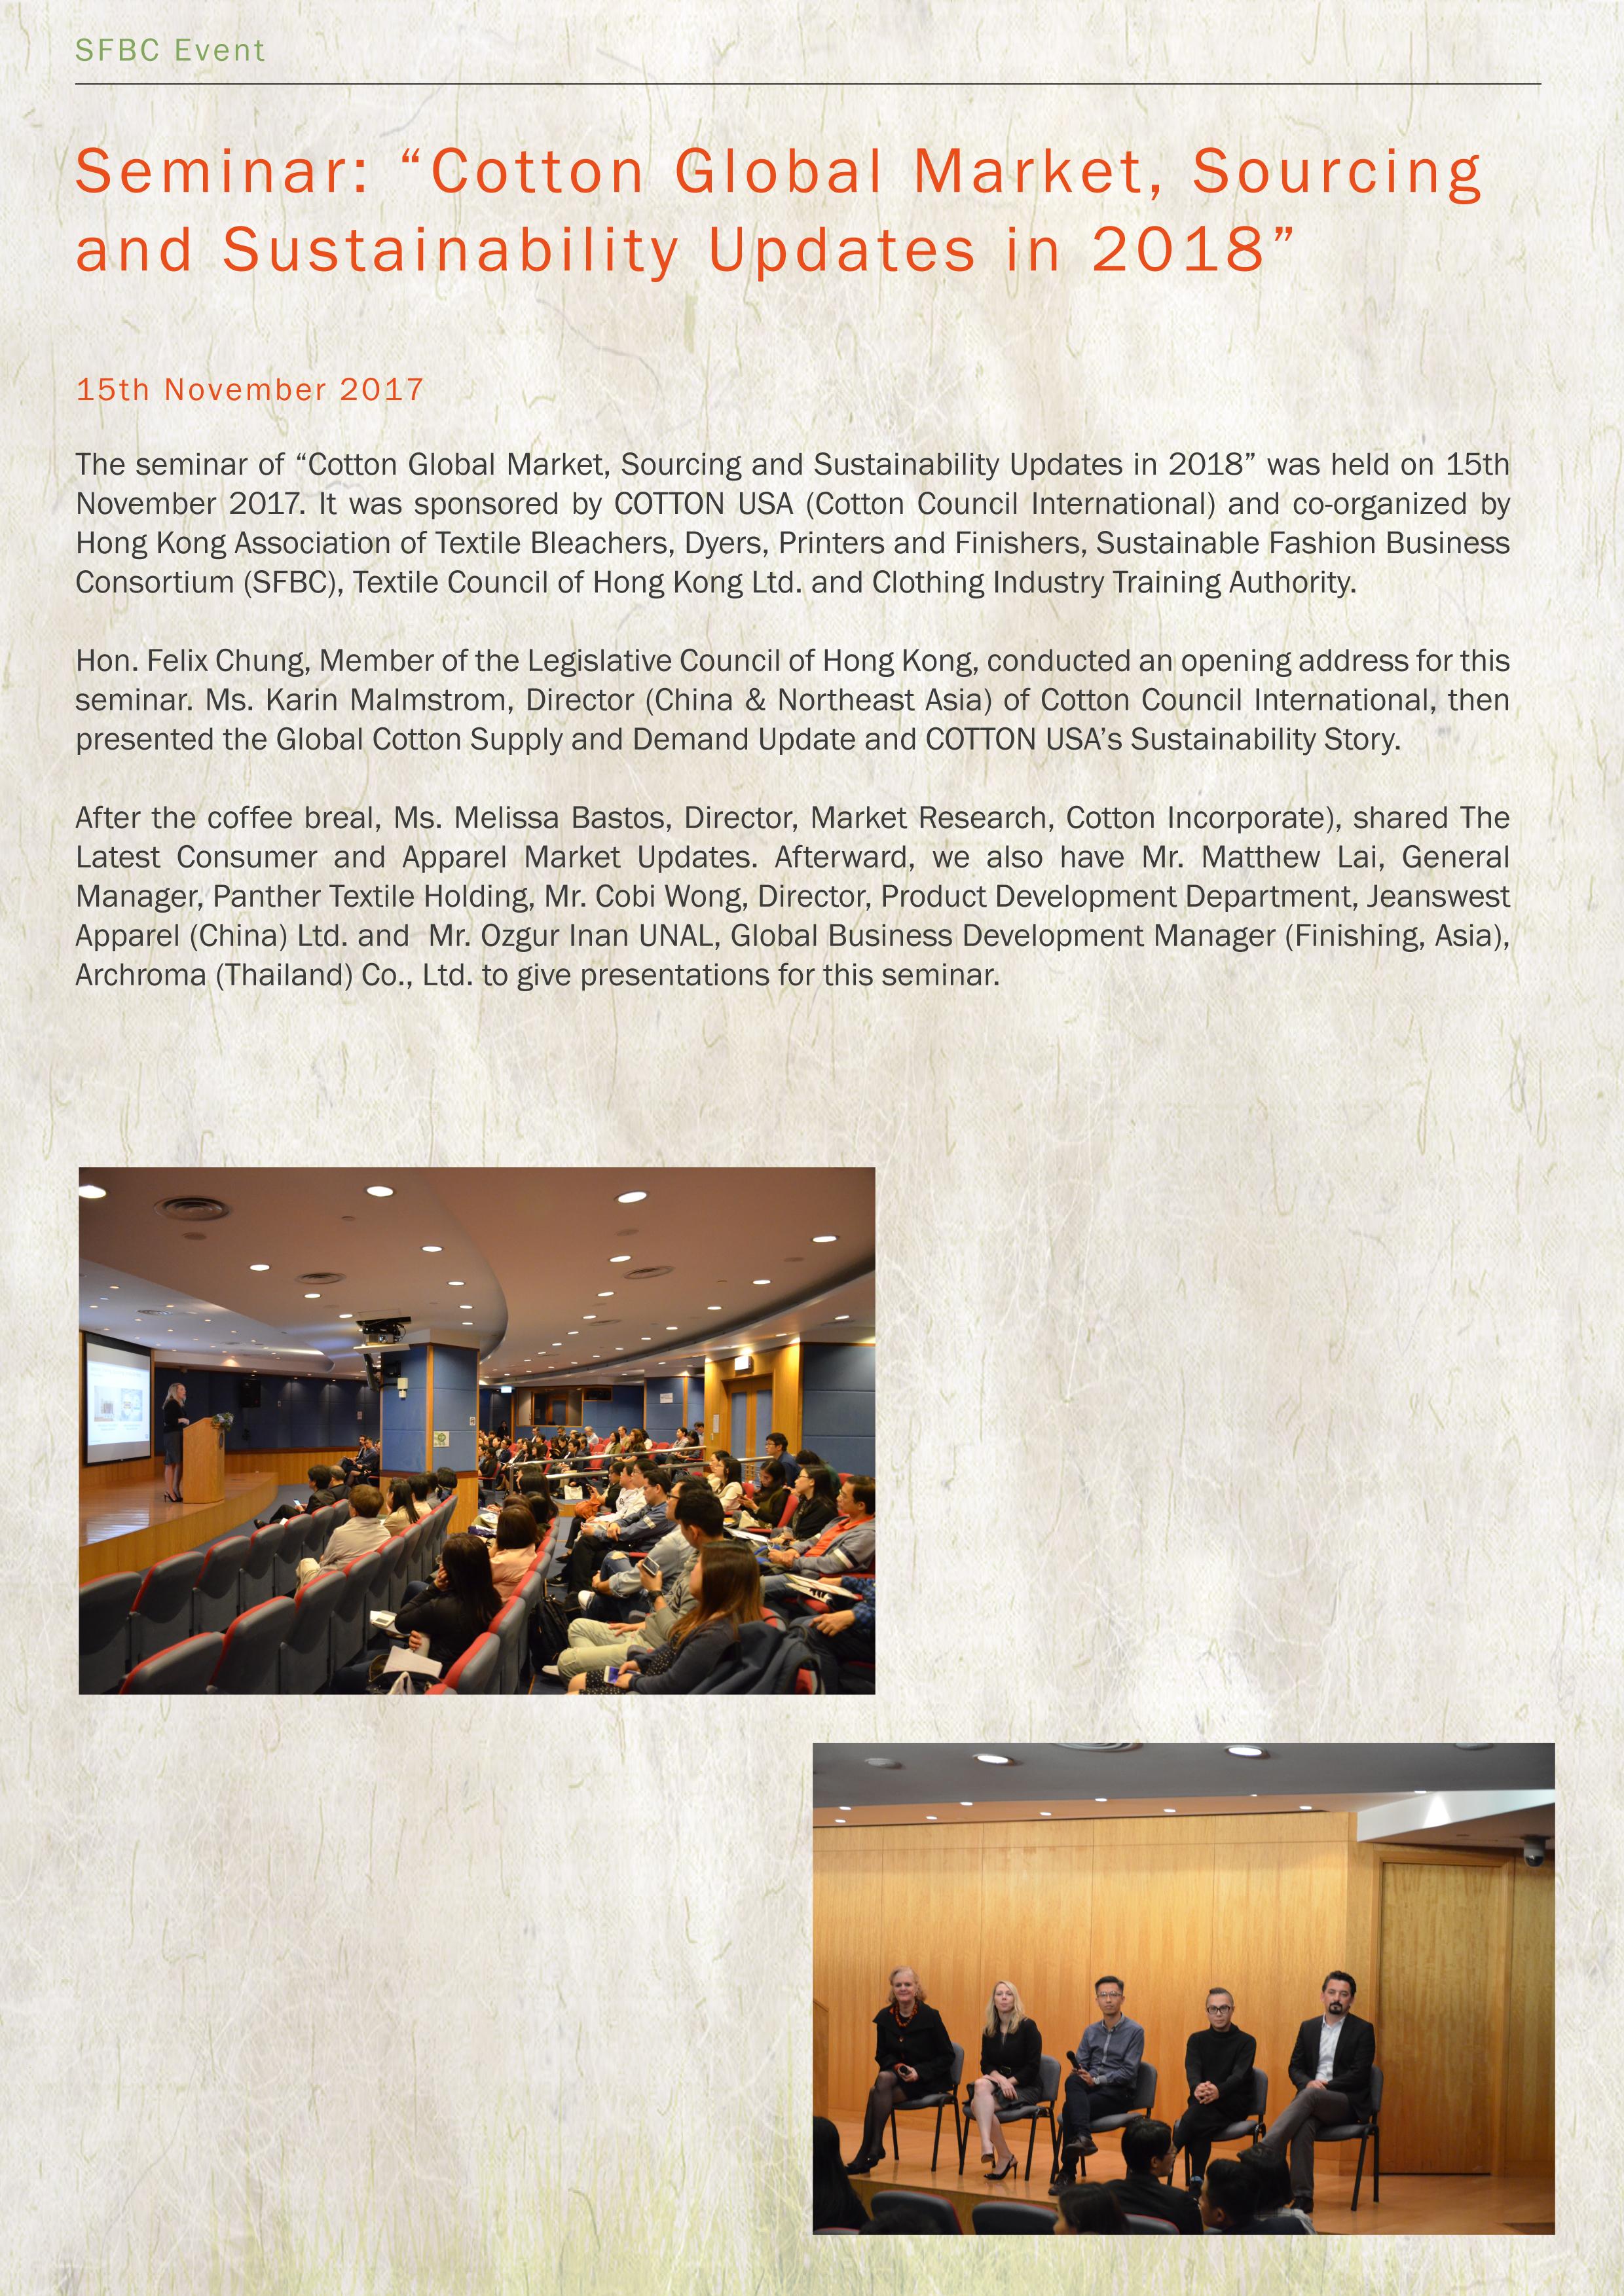 SFBC 22nd Newsletter